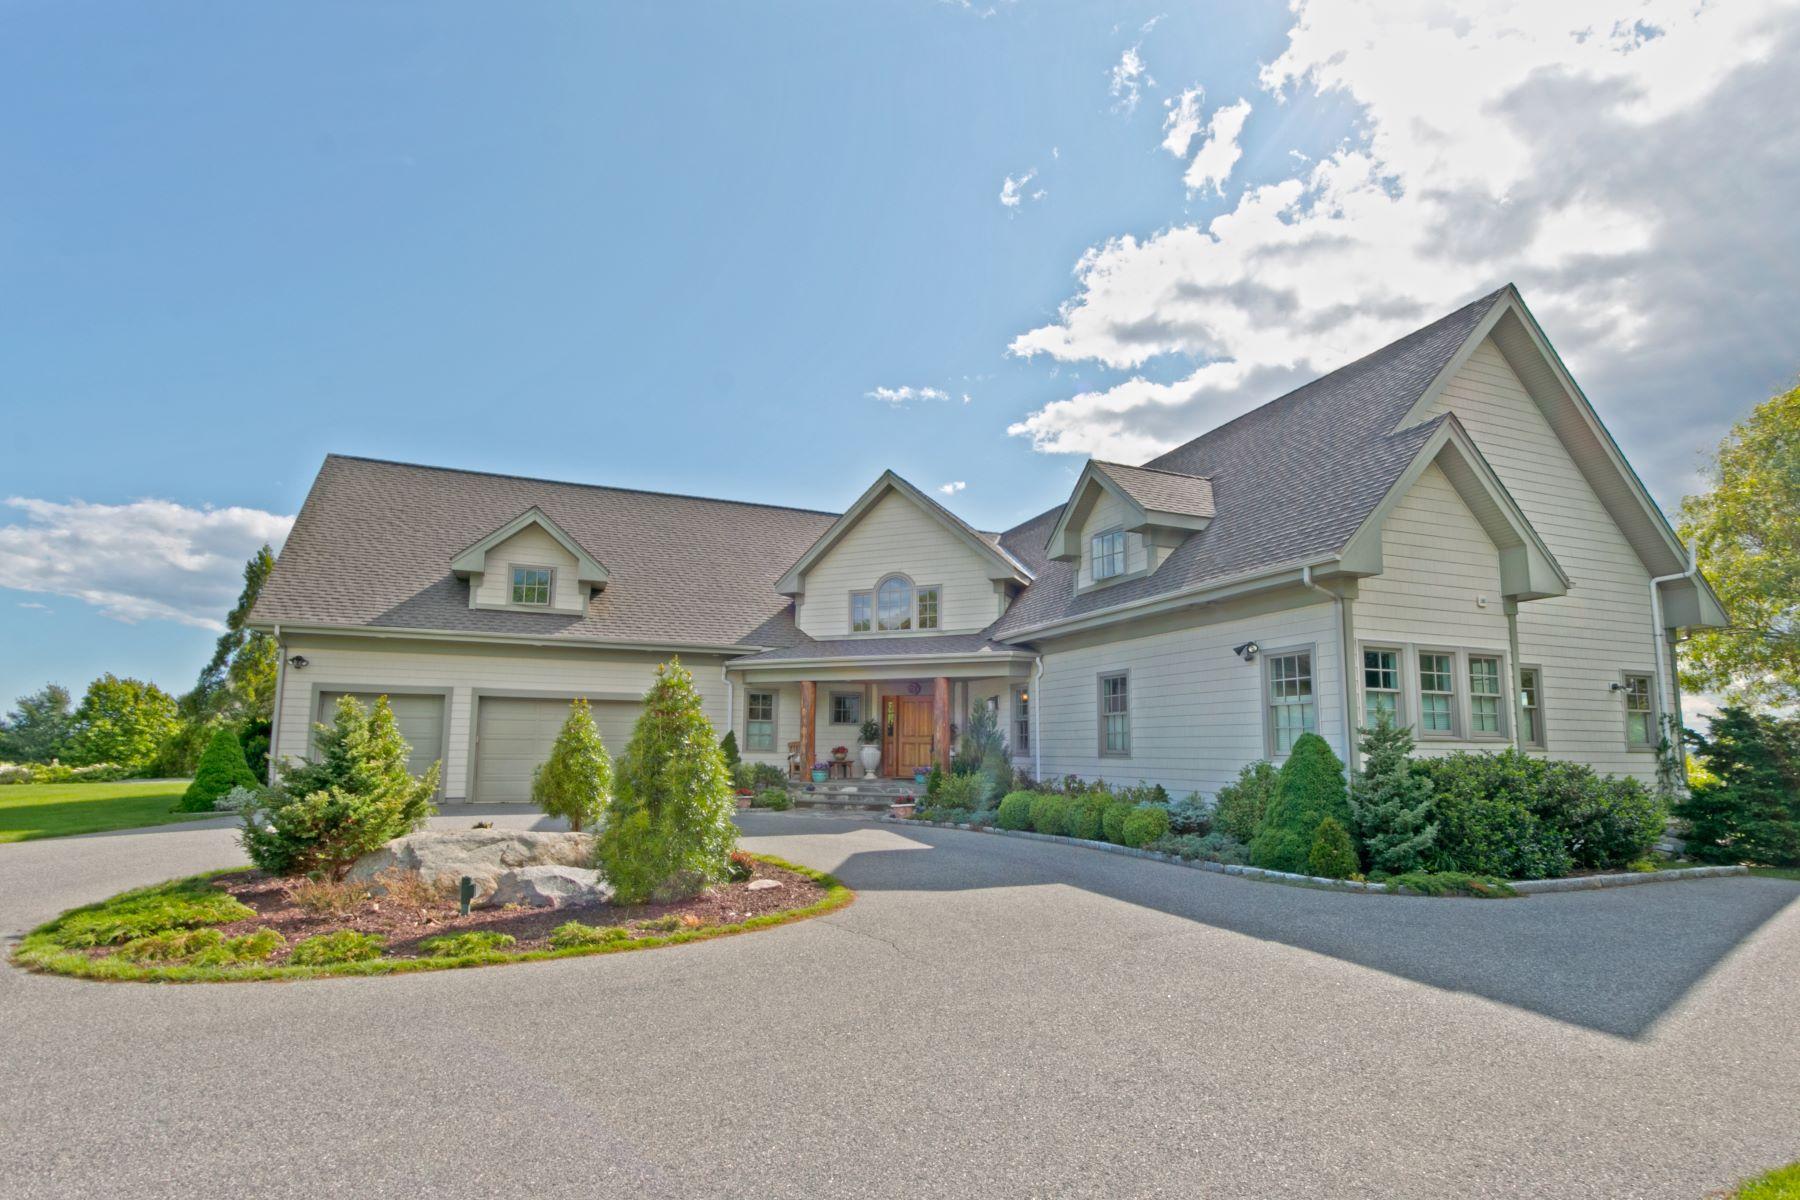 Single Family Homes por un Venta en Custom Built Post & Beam with Amazing Views! 23 Lambs Way Stonington, Connecticut 06378 Estados Unidos